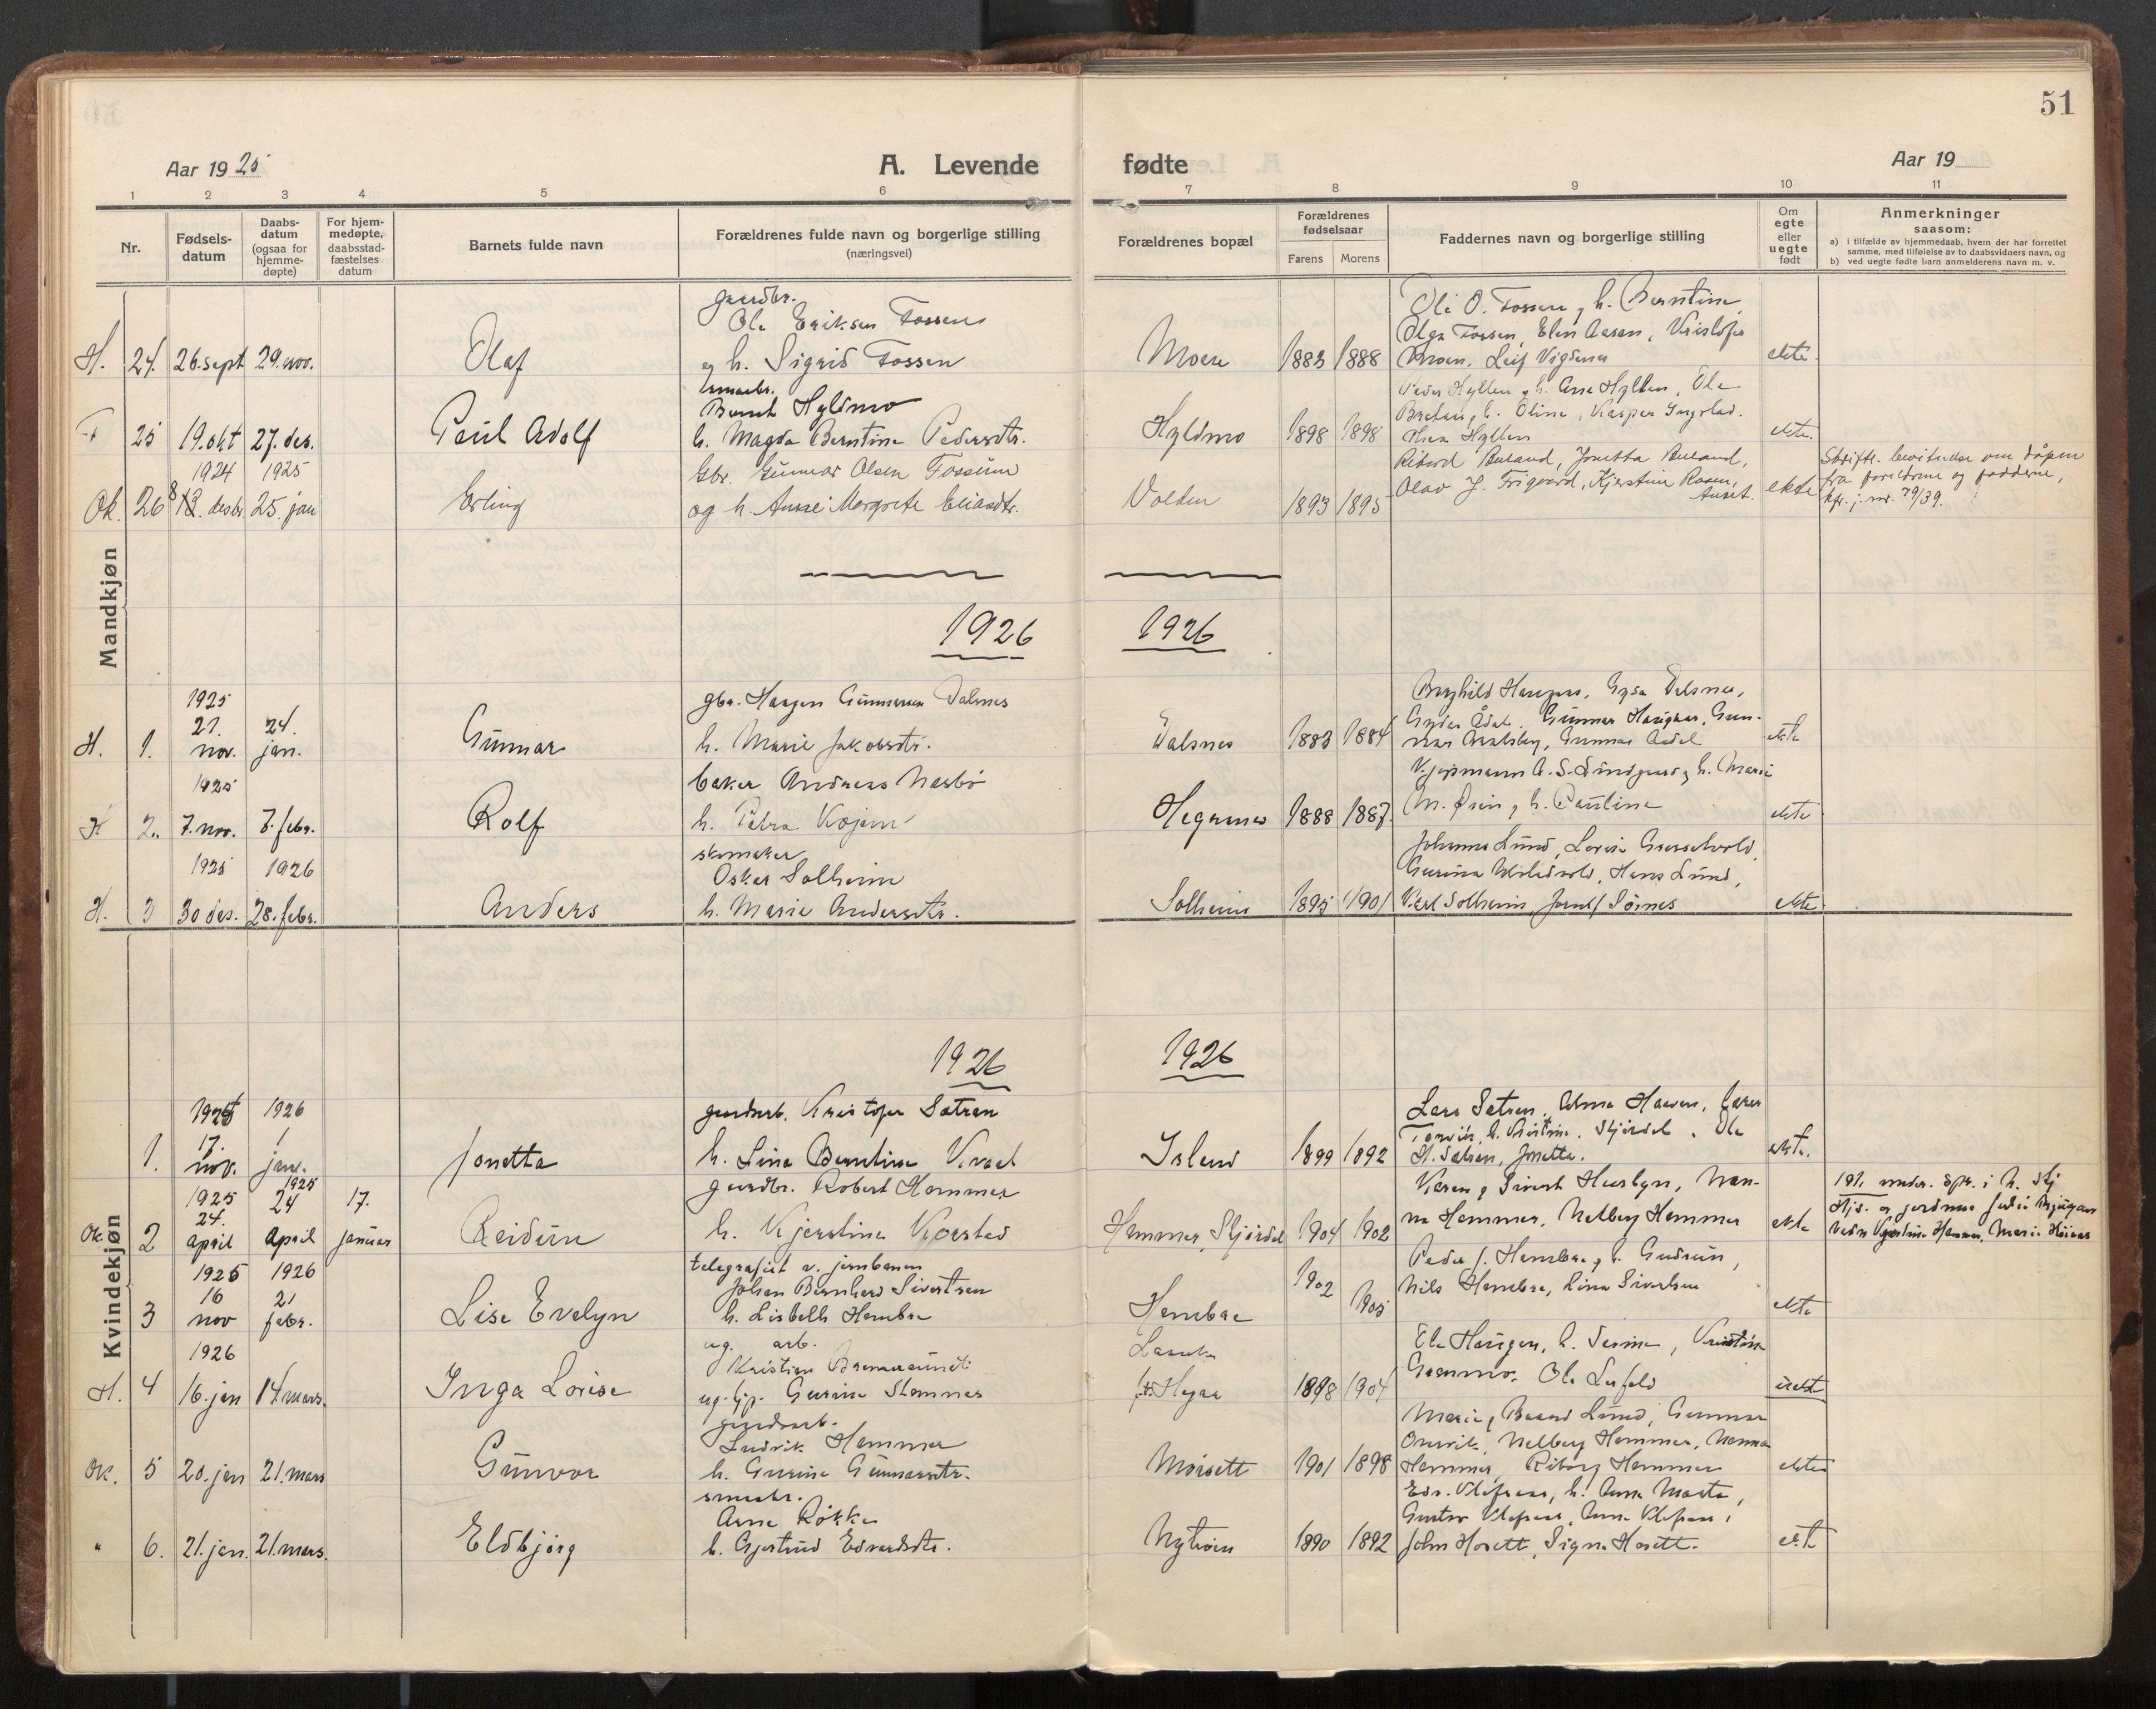 SAT, Ministerialprotokoller, klokkerbøker og fødselsregistre - Nord-Trøndelag, 703/L0037: Parish register (official) no. 703A10, 1915-1932, p. 51